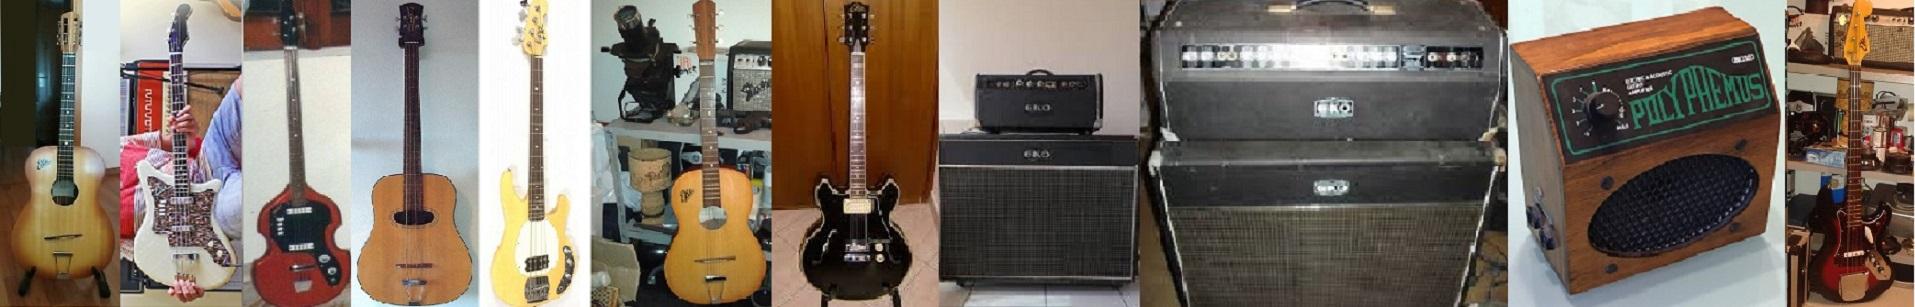 Noi tutti vorremmo possedere le chitarre al top, ma invece dobbiamo ringraziare sempre la nostrana EKO!